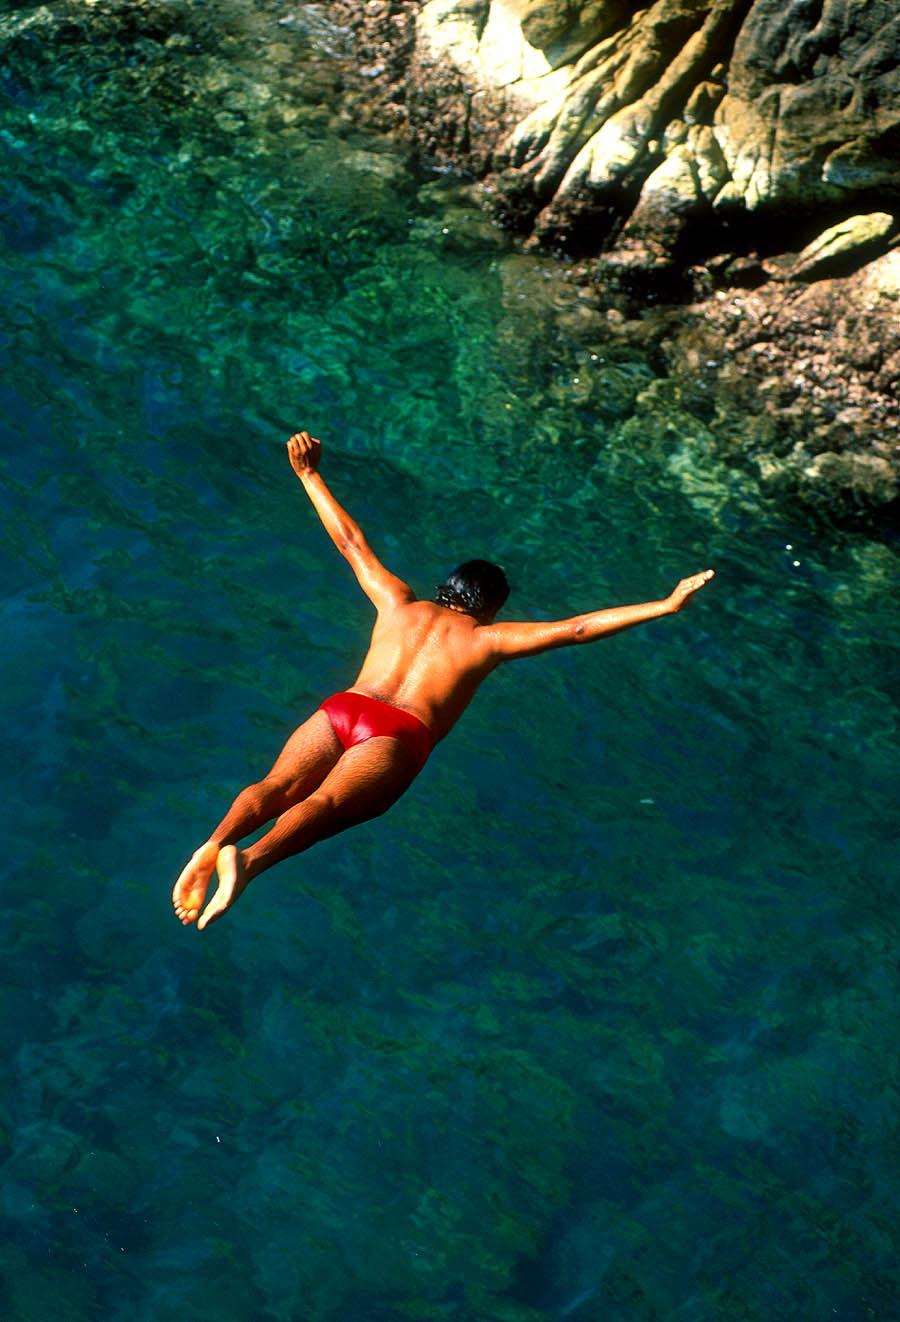 high diver-quebrada-acapulco-Mexico-Ron Levy Photography